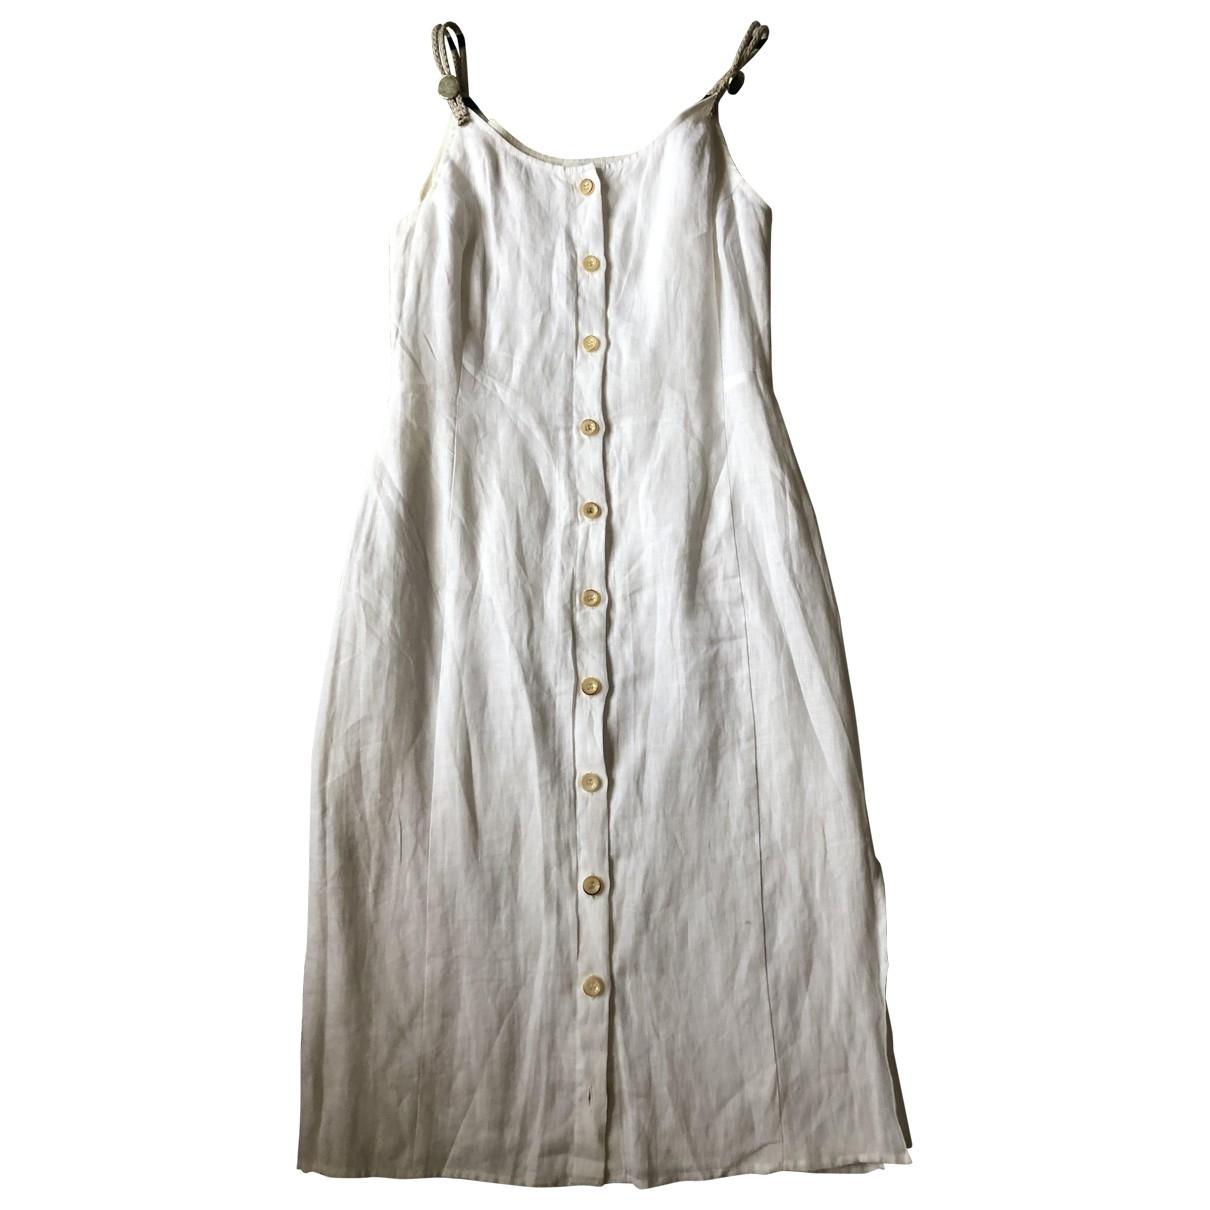 Altuzarra \N White Linen dress for Women 36 FR